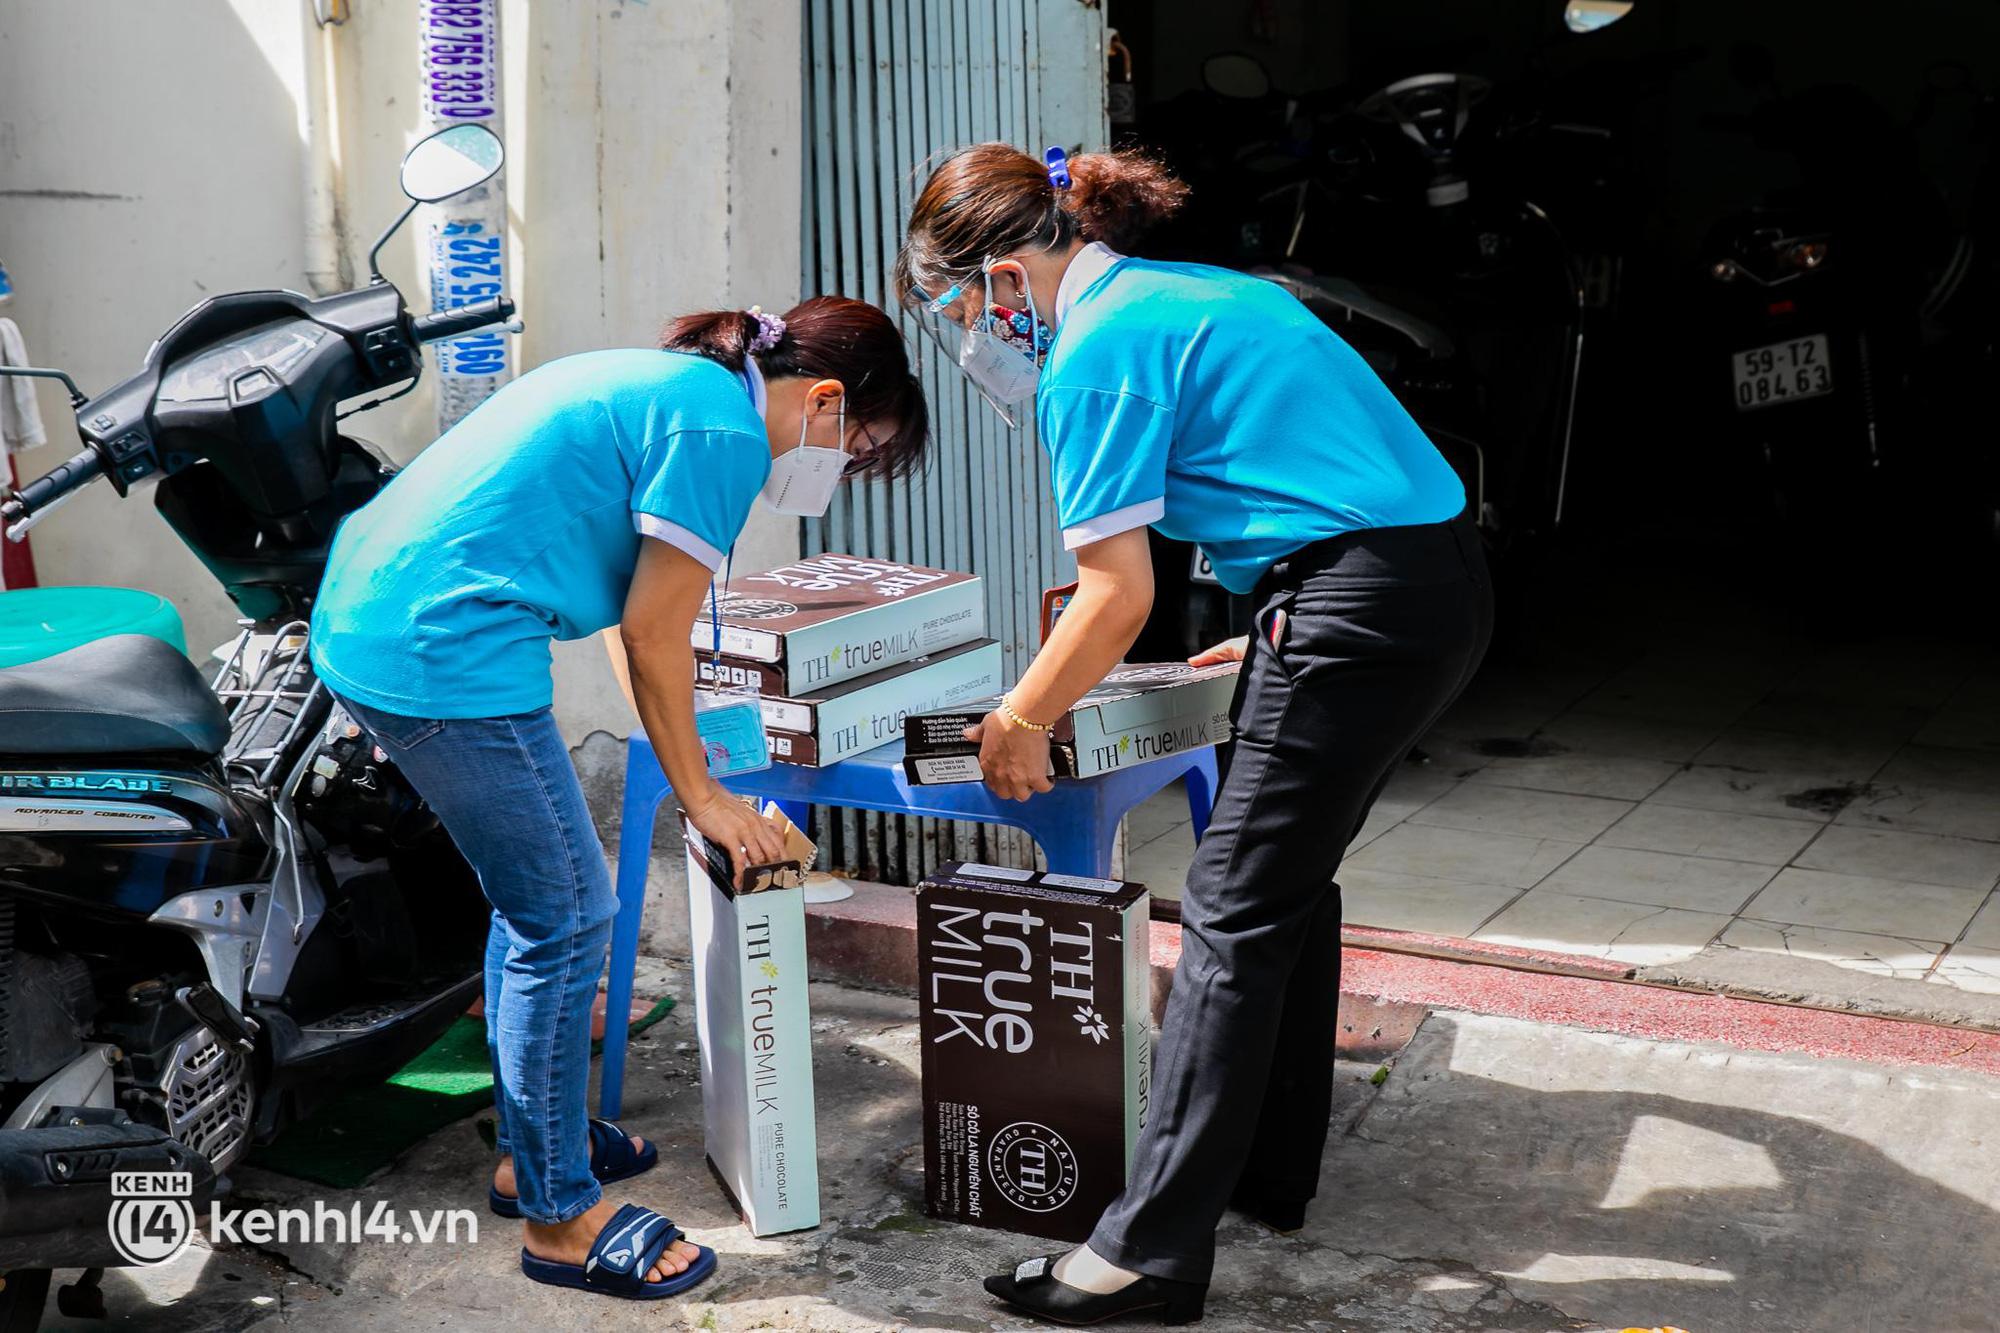 Ấm lòng mùa dịch: Trân quý những ly sữa tươi sạch tiếp sức trẻ nhỏ Sài Gòn - Ảnh 3.